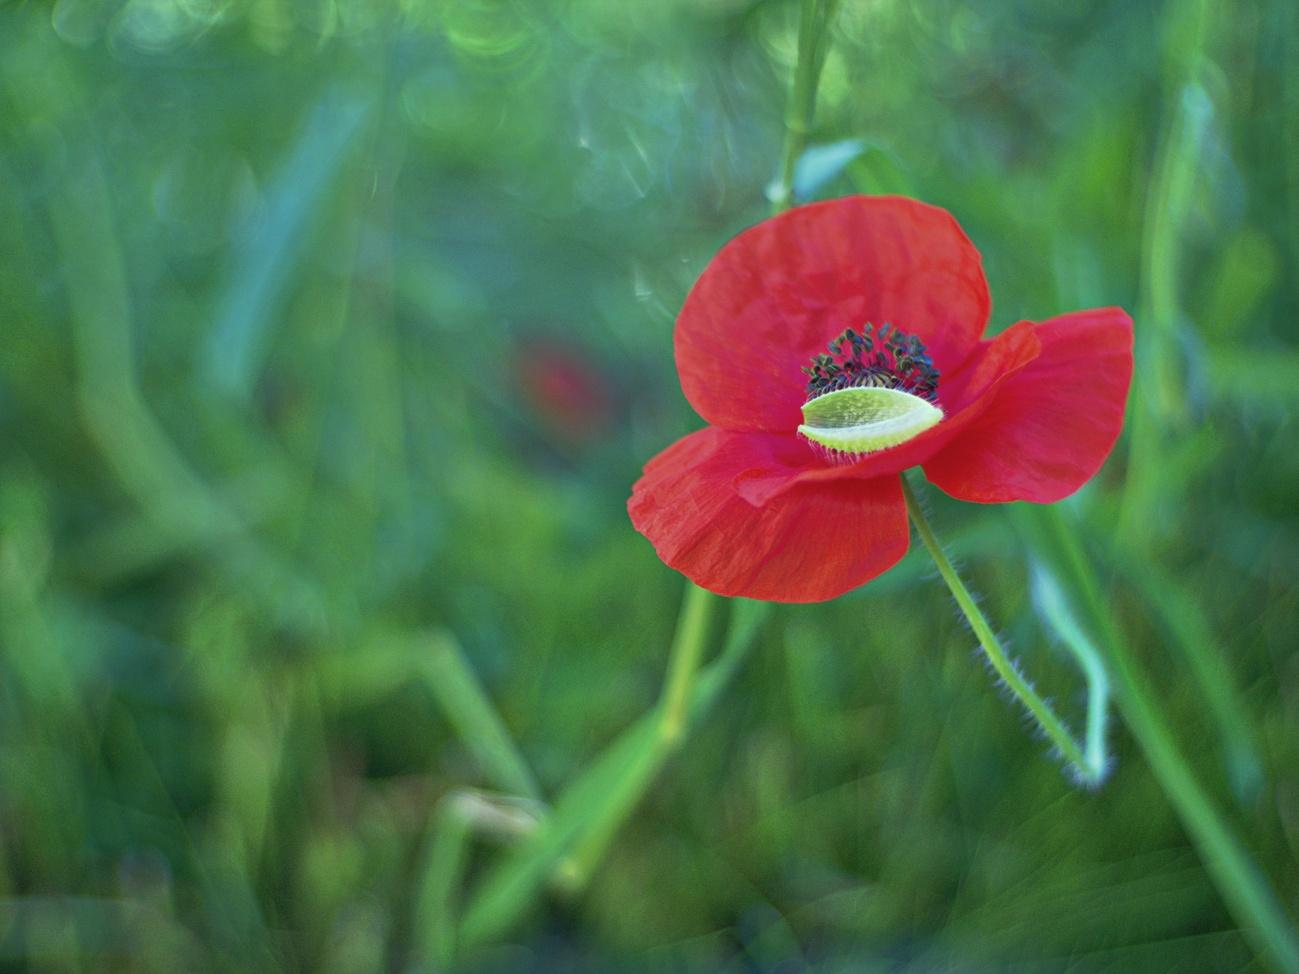 Mohn mit Eierschale - Oder frisch geschlüpfte Blüte